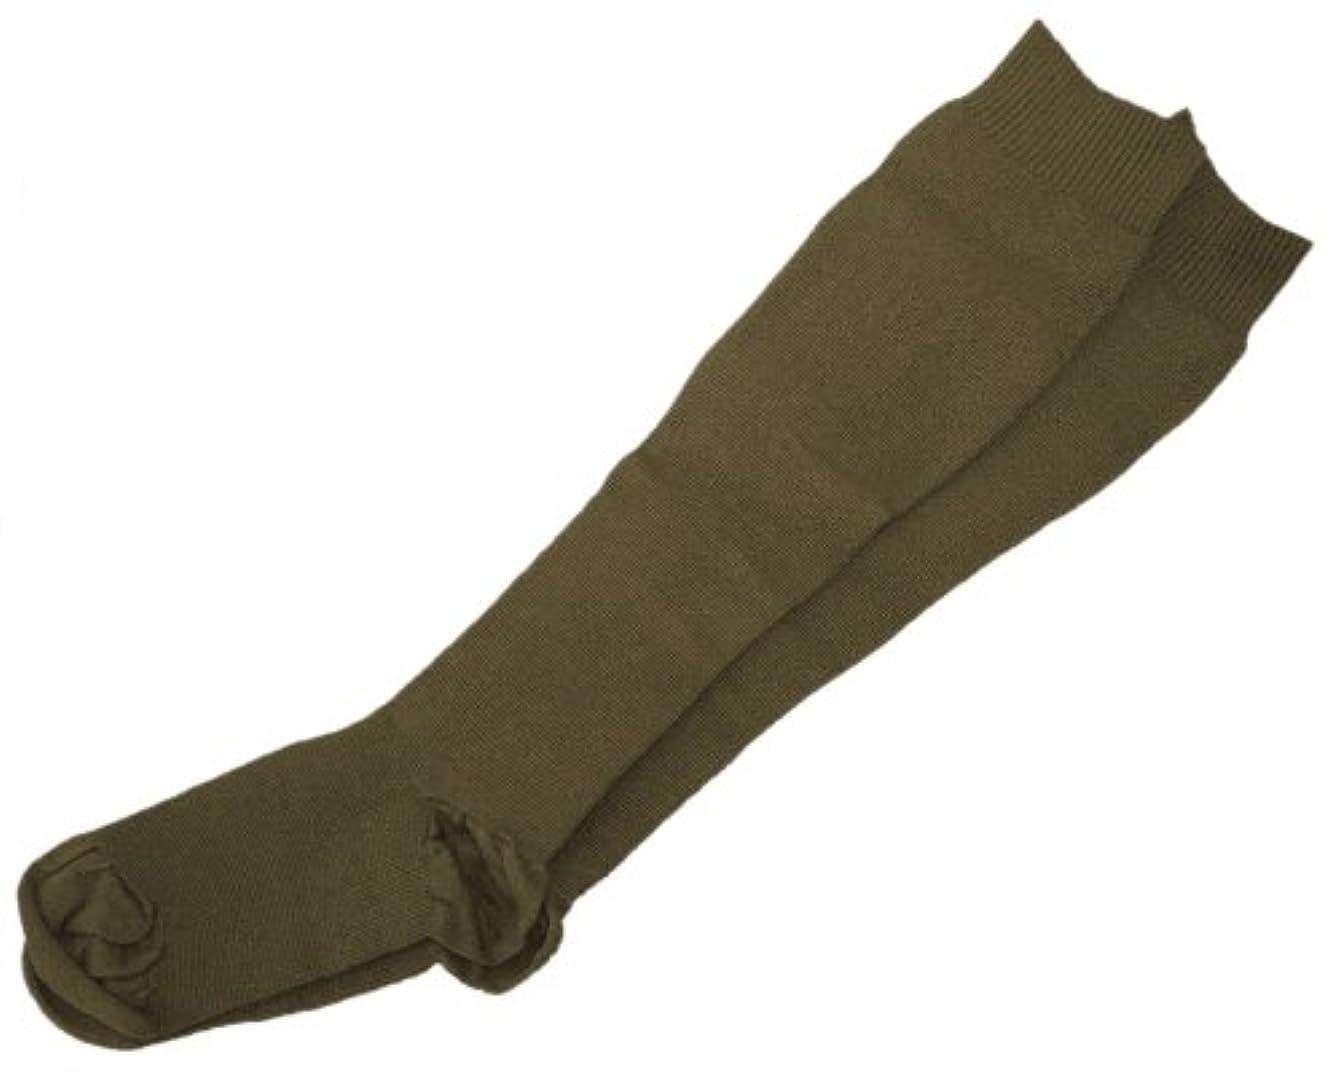 ブルーベル和らげるきょうだいギロファ スタンダードソックス ブラウン Lサイズ(26.0~27.0cm)